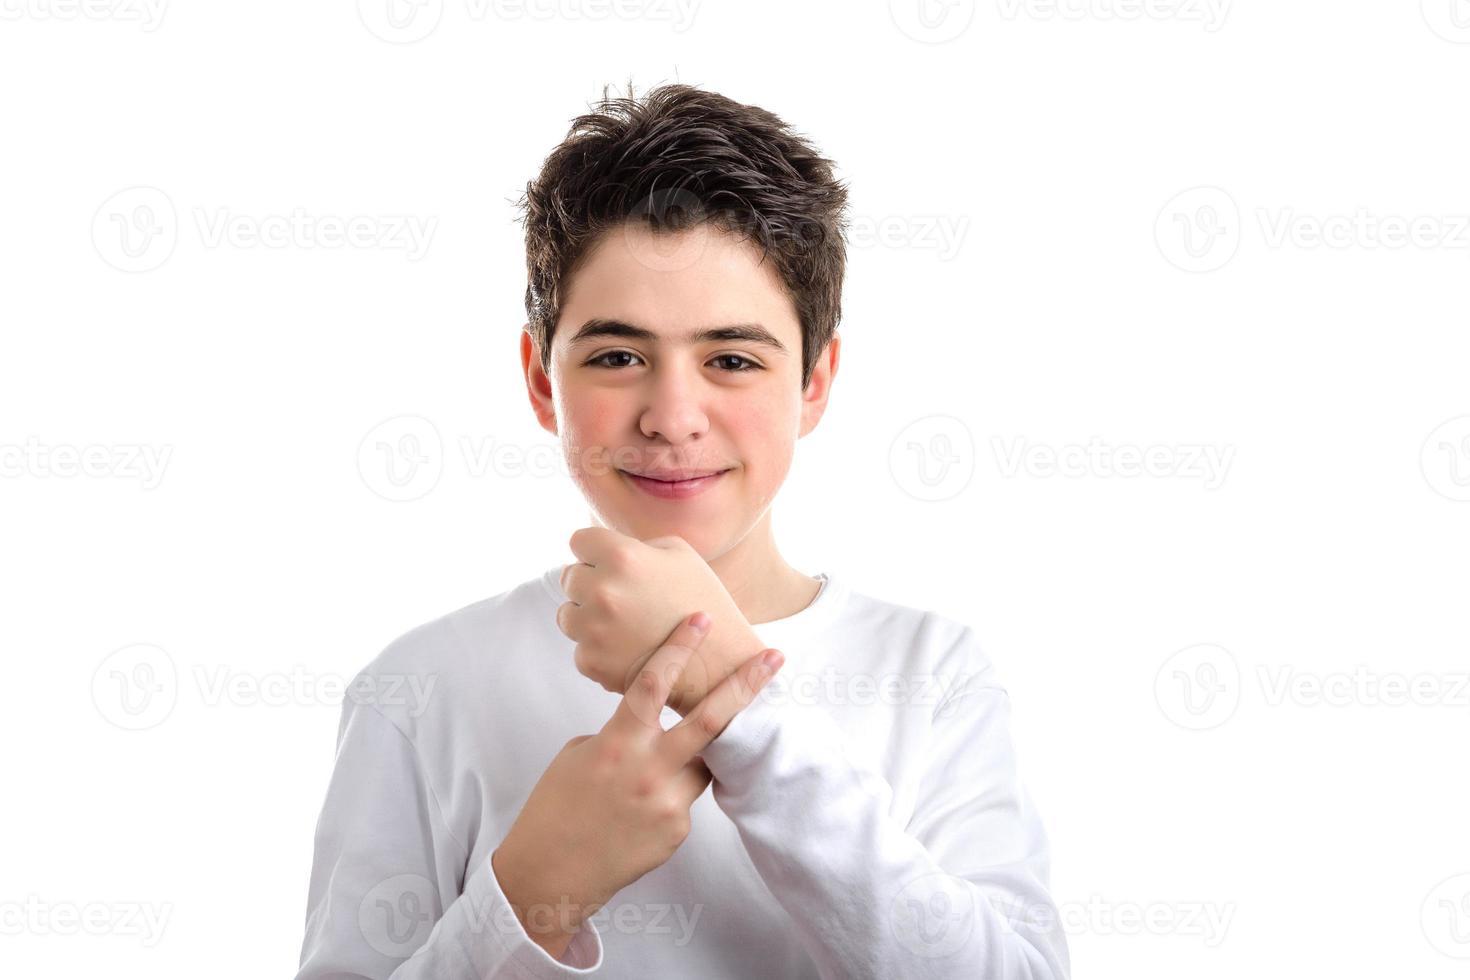 garoto caucasiano de pele lisa, colocando dois dedos no pulso esquerdo foto